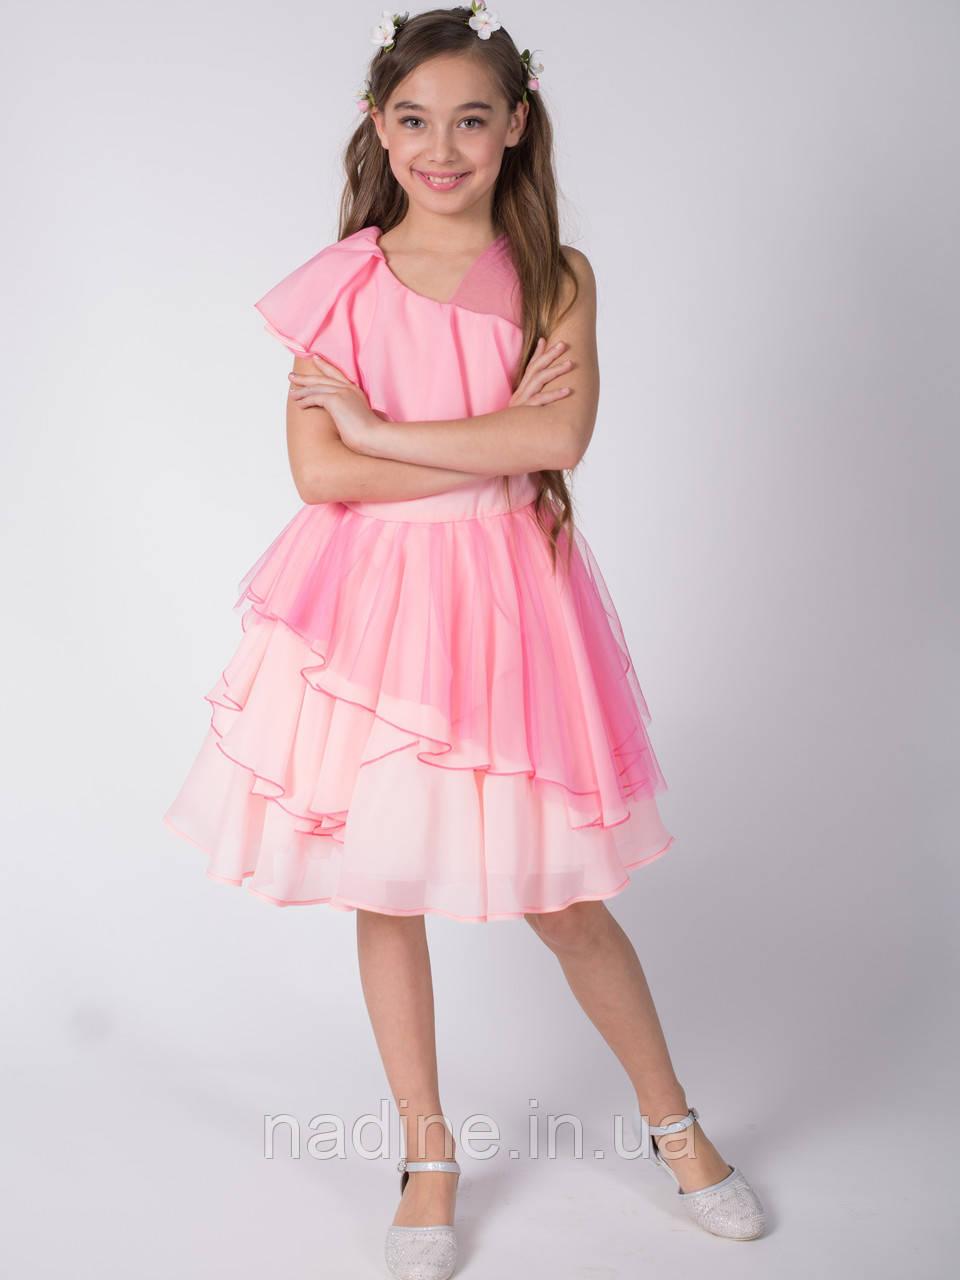 Дизайнерское шифоновое  платье Romantic Sakura Eirena Nadine (131-34) на рост 134 Нежно розовое